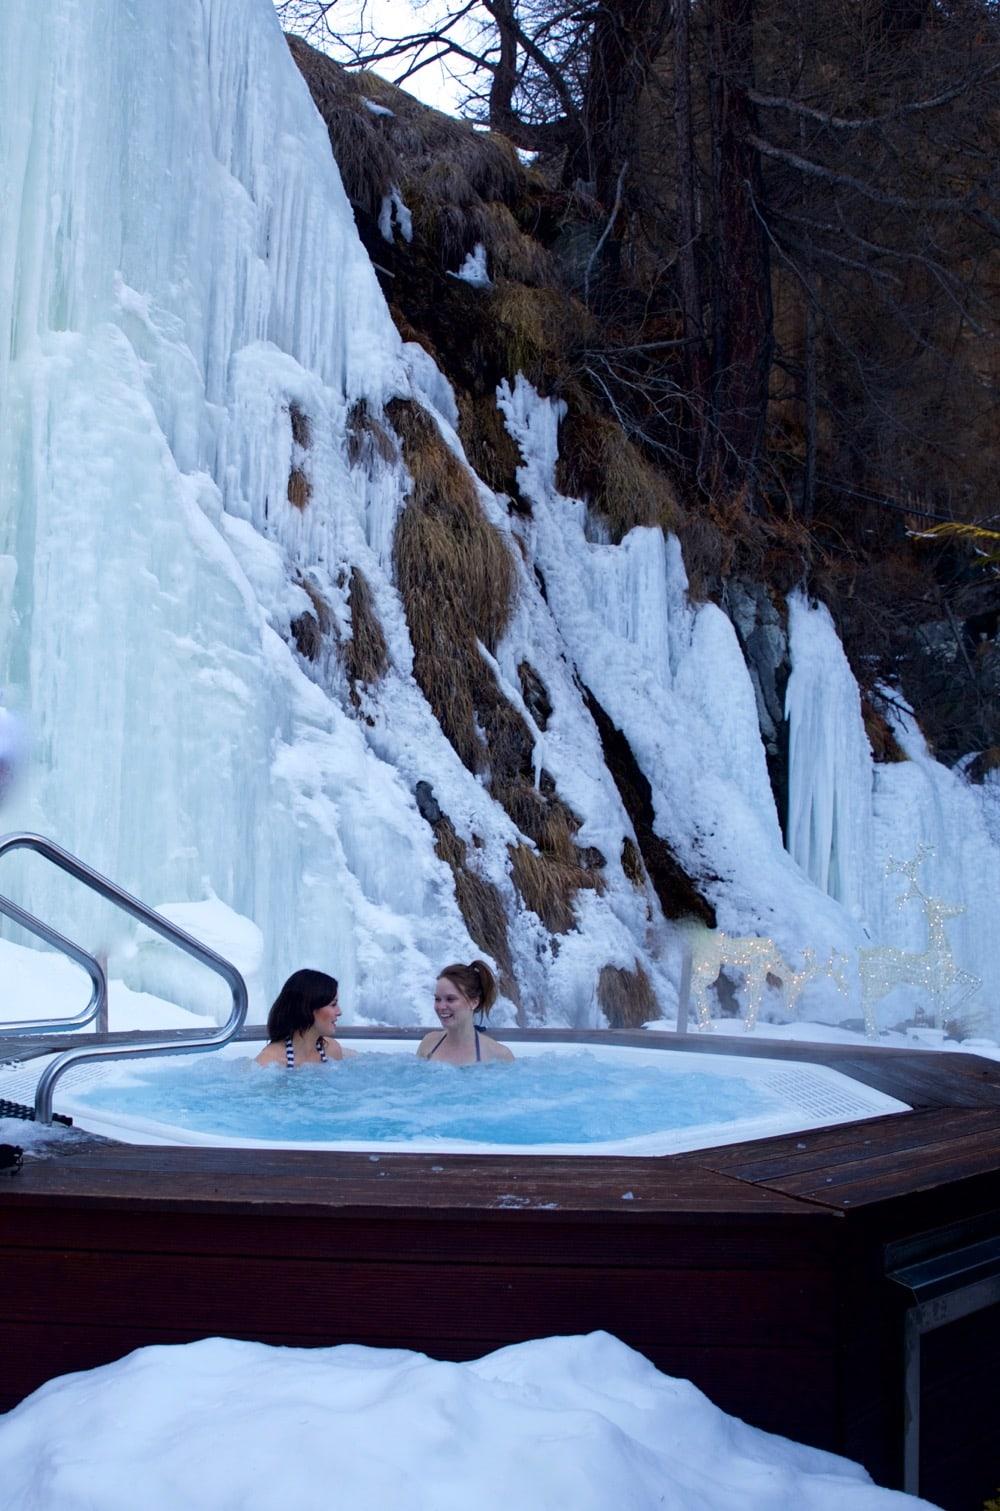 Jacuzzi time at Hotel Sonne Zermatt, Switzerland